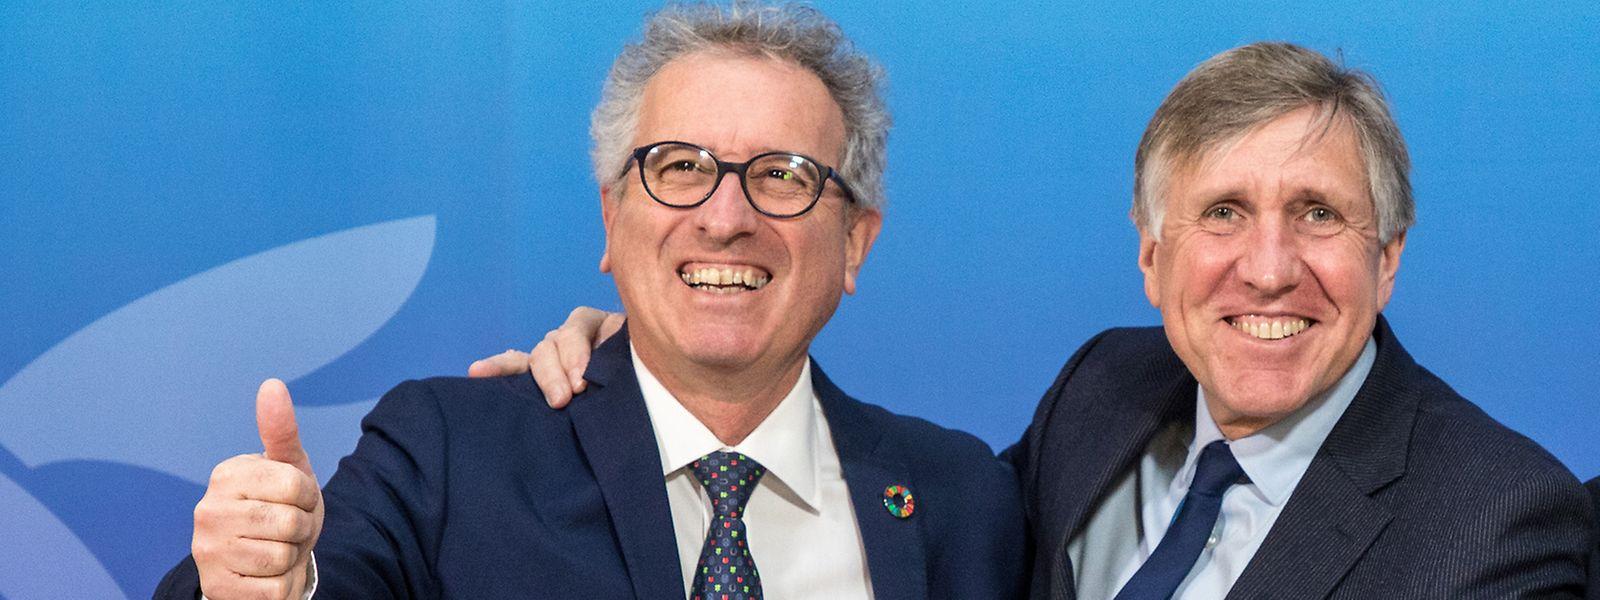 Présent aux côtés de François Bausch (Déi Gréng), Pierre Gramegna (DP), ministre des Finances a détaillé mercredi soir le pacte de redémarrage de l'économie luxembourgeoise.